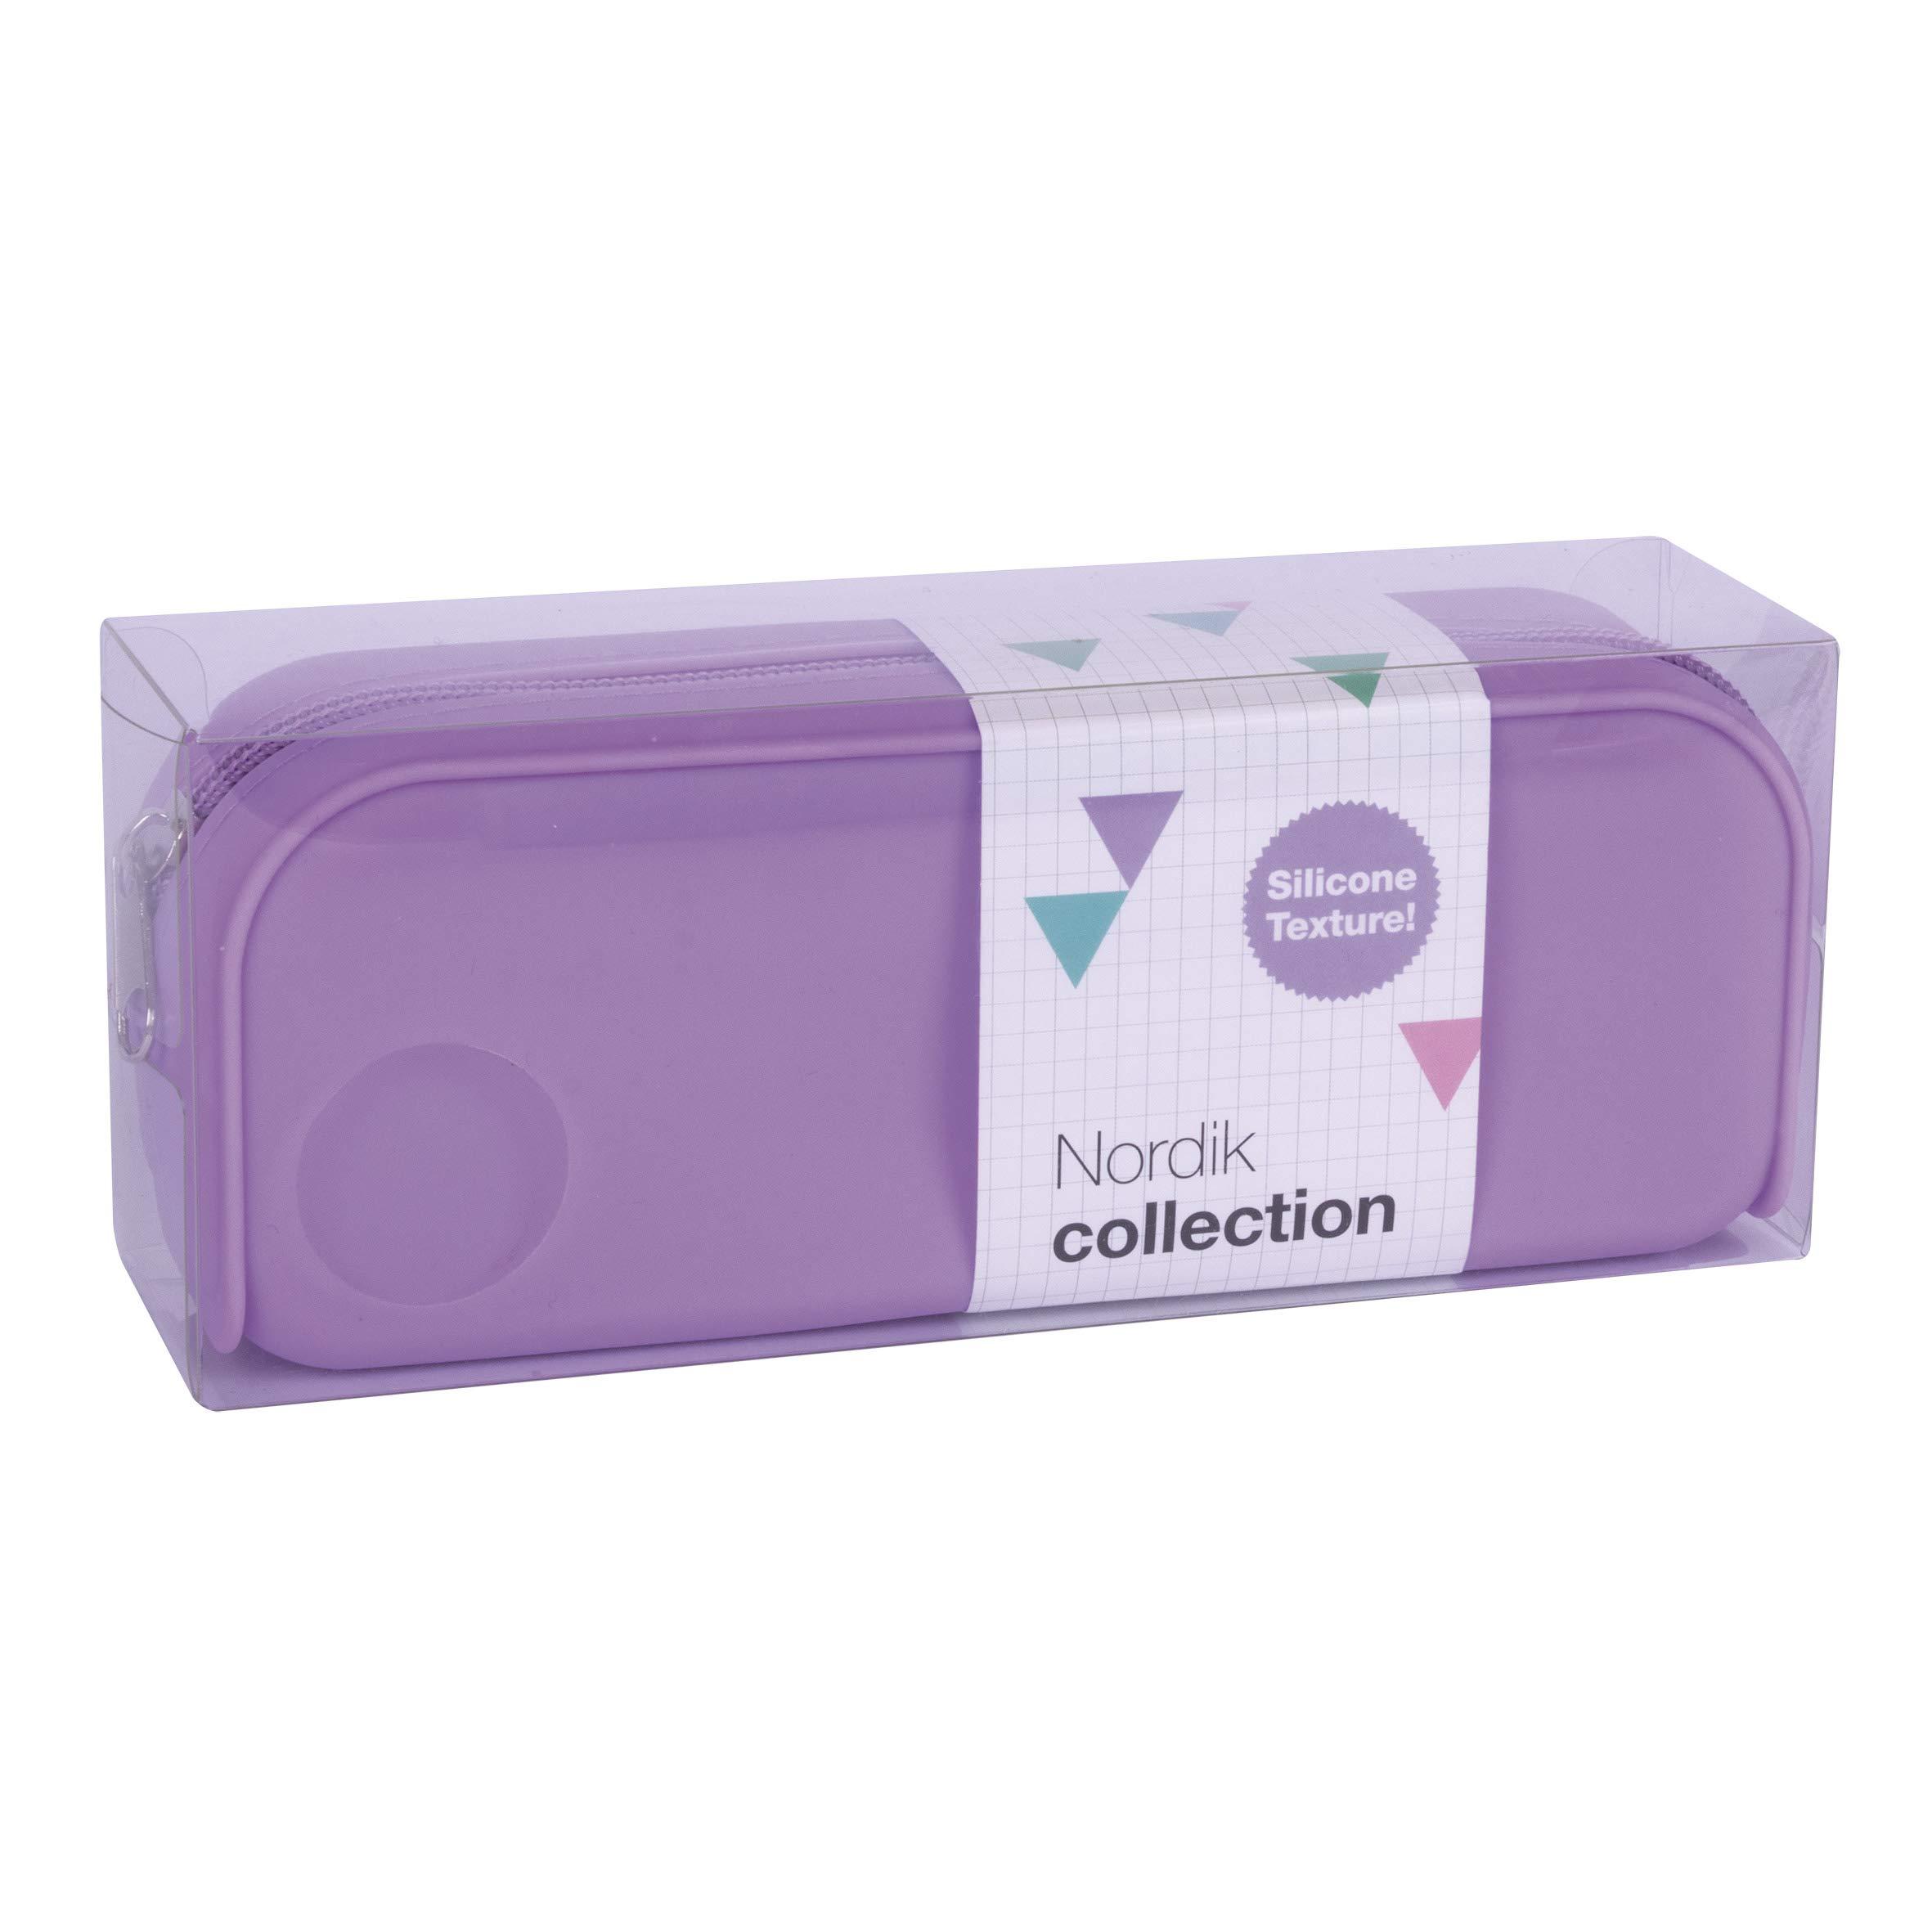 APLI 18416 - Estuche silicona Nordik Collection - Violeta: Amazon.es: Oficina y papelería